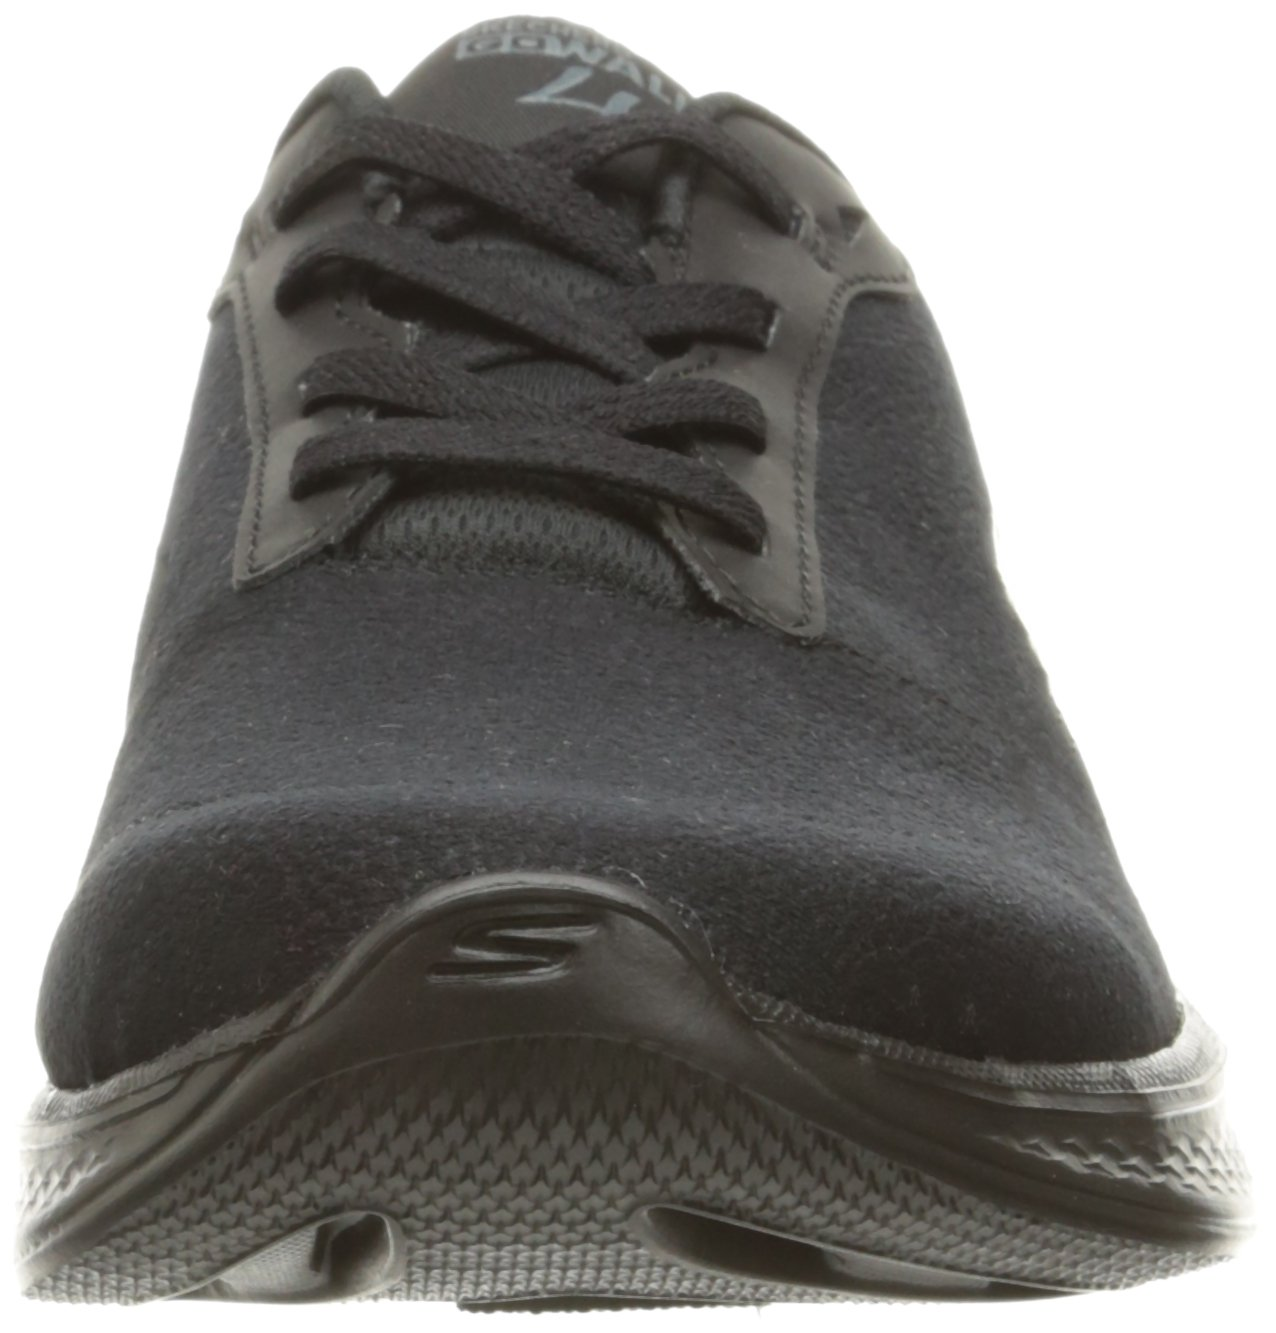 Skechers Performance Women's Go Walk 4 Premier Walking Shoe B01IIZF7Q0 9.5 B(M) US|Black Synthetic Leather